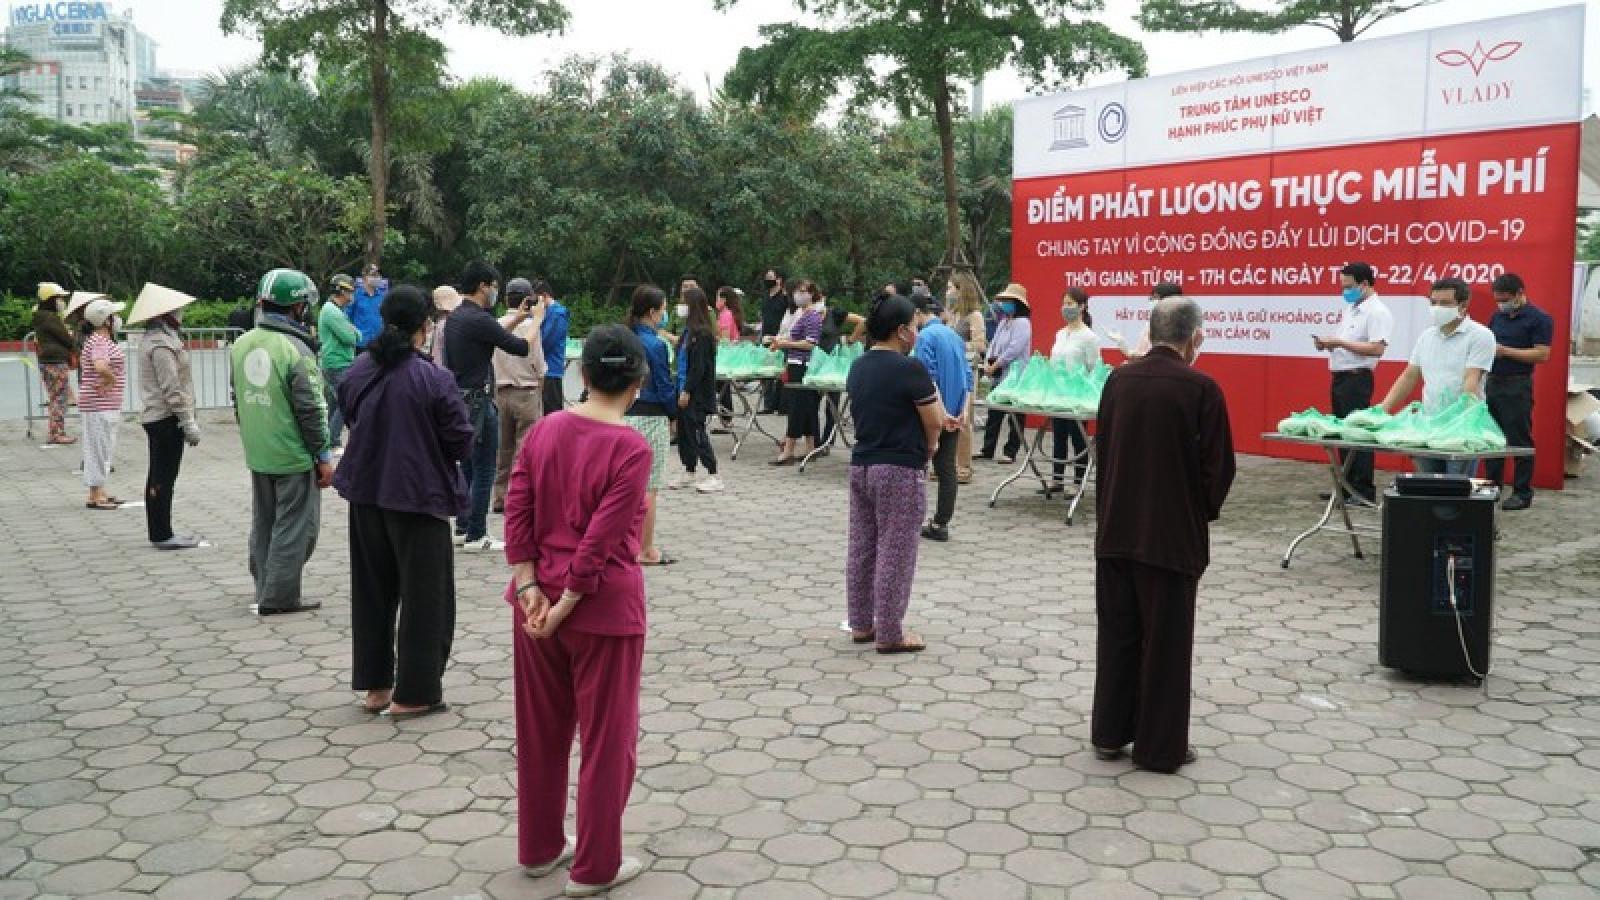 Hàng nghìn suất lương thực được phát miễn phí cho người nghèo ở Hà Nội